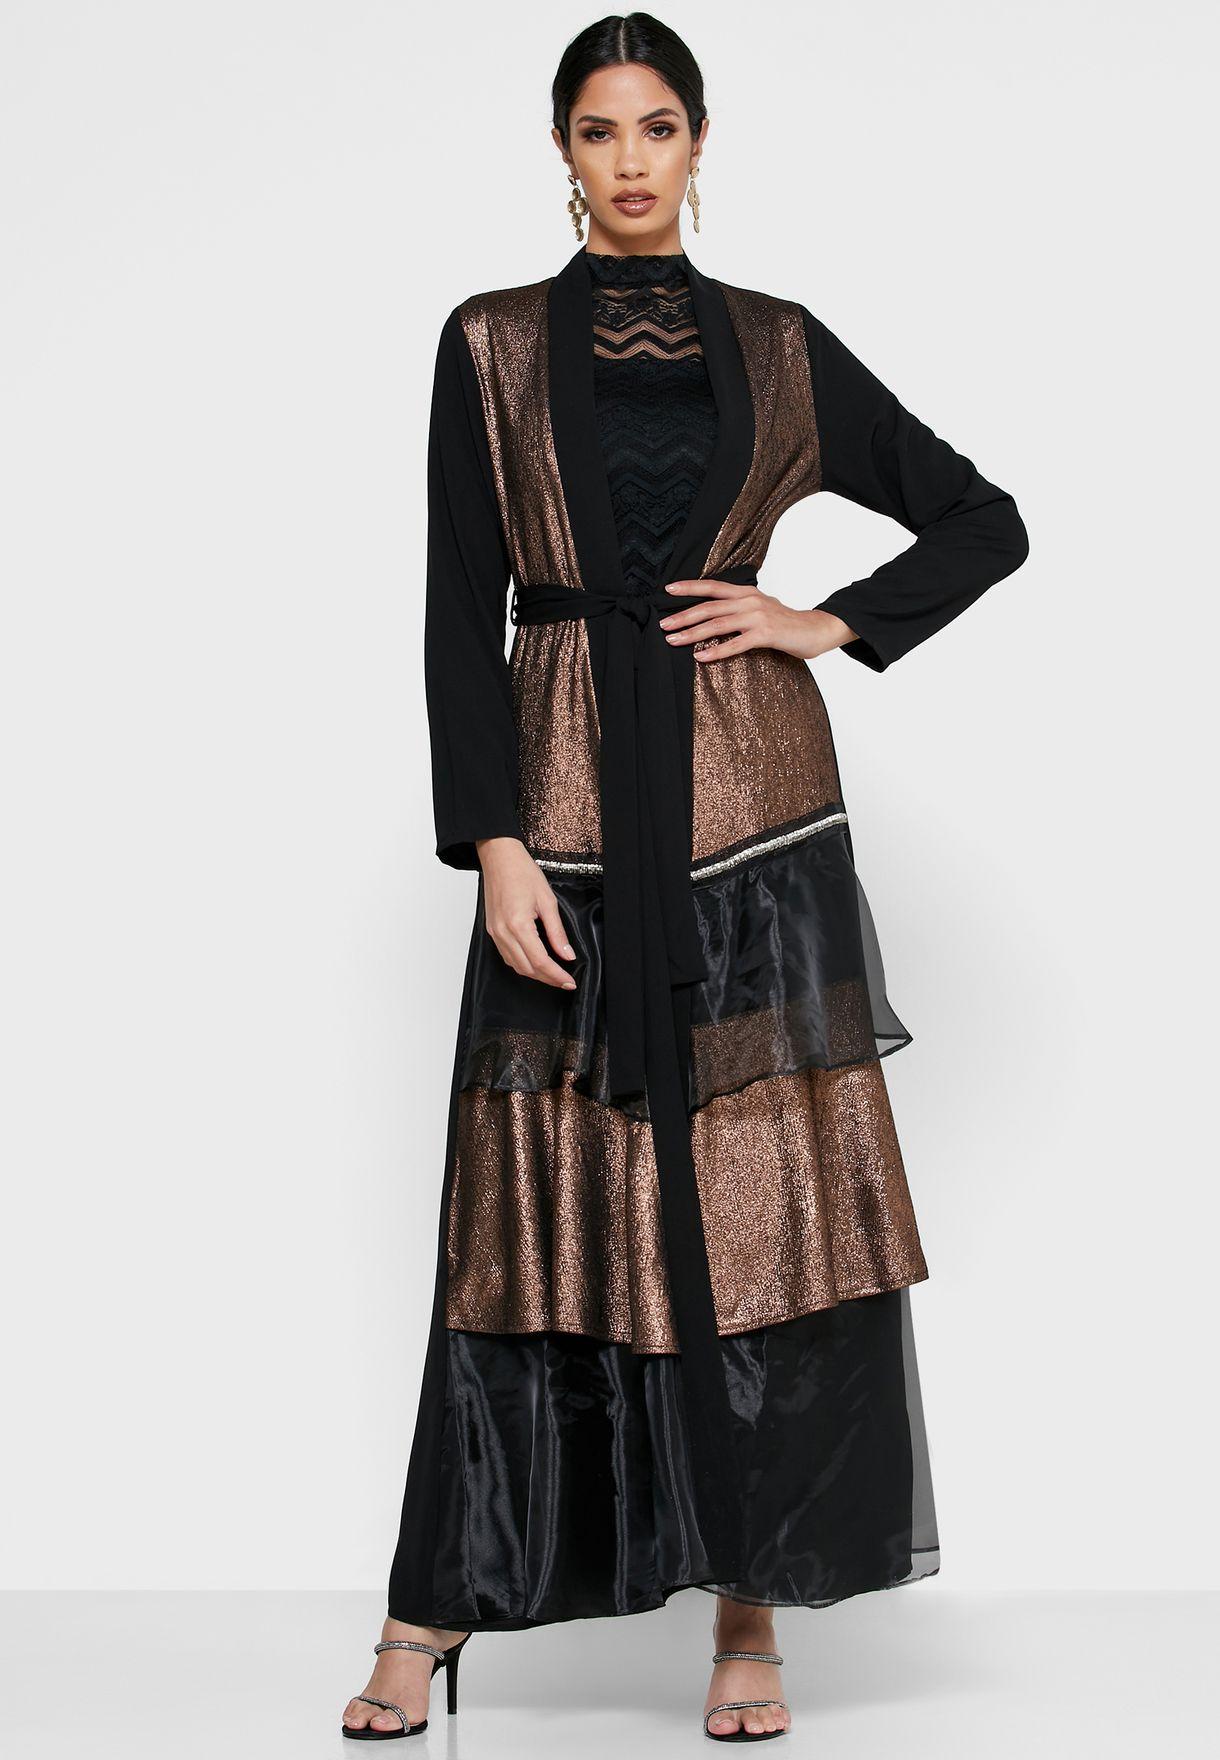 Tiered Lurex Organza Self Tie Abaya